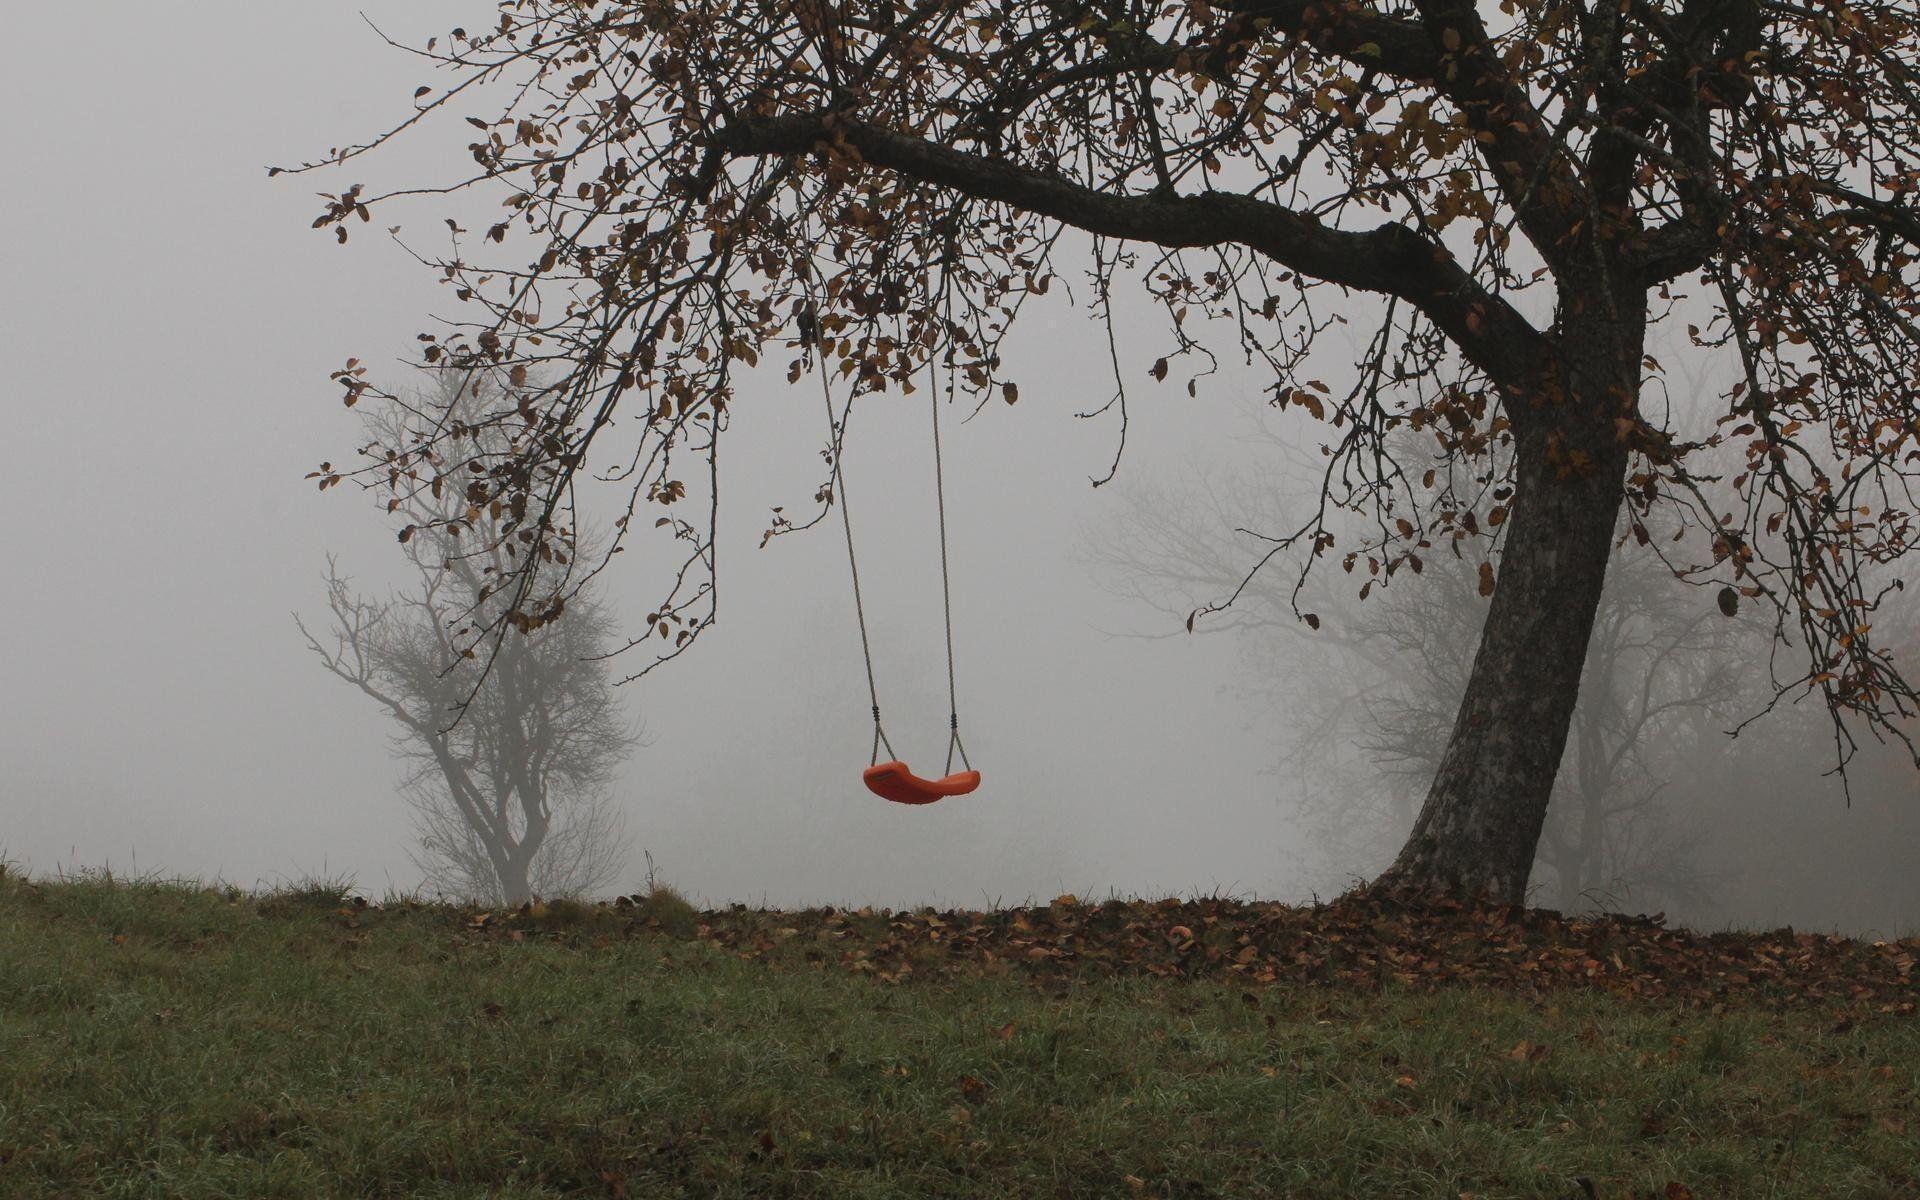 Empty Swings Wallpaper - WallDevil